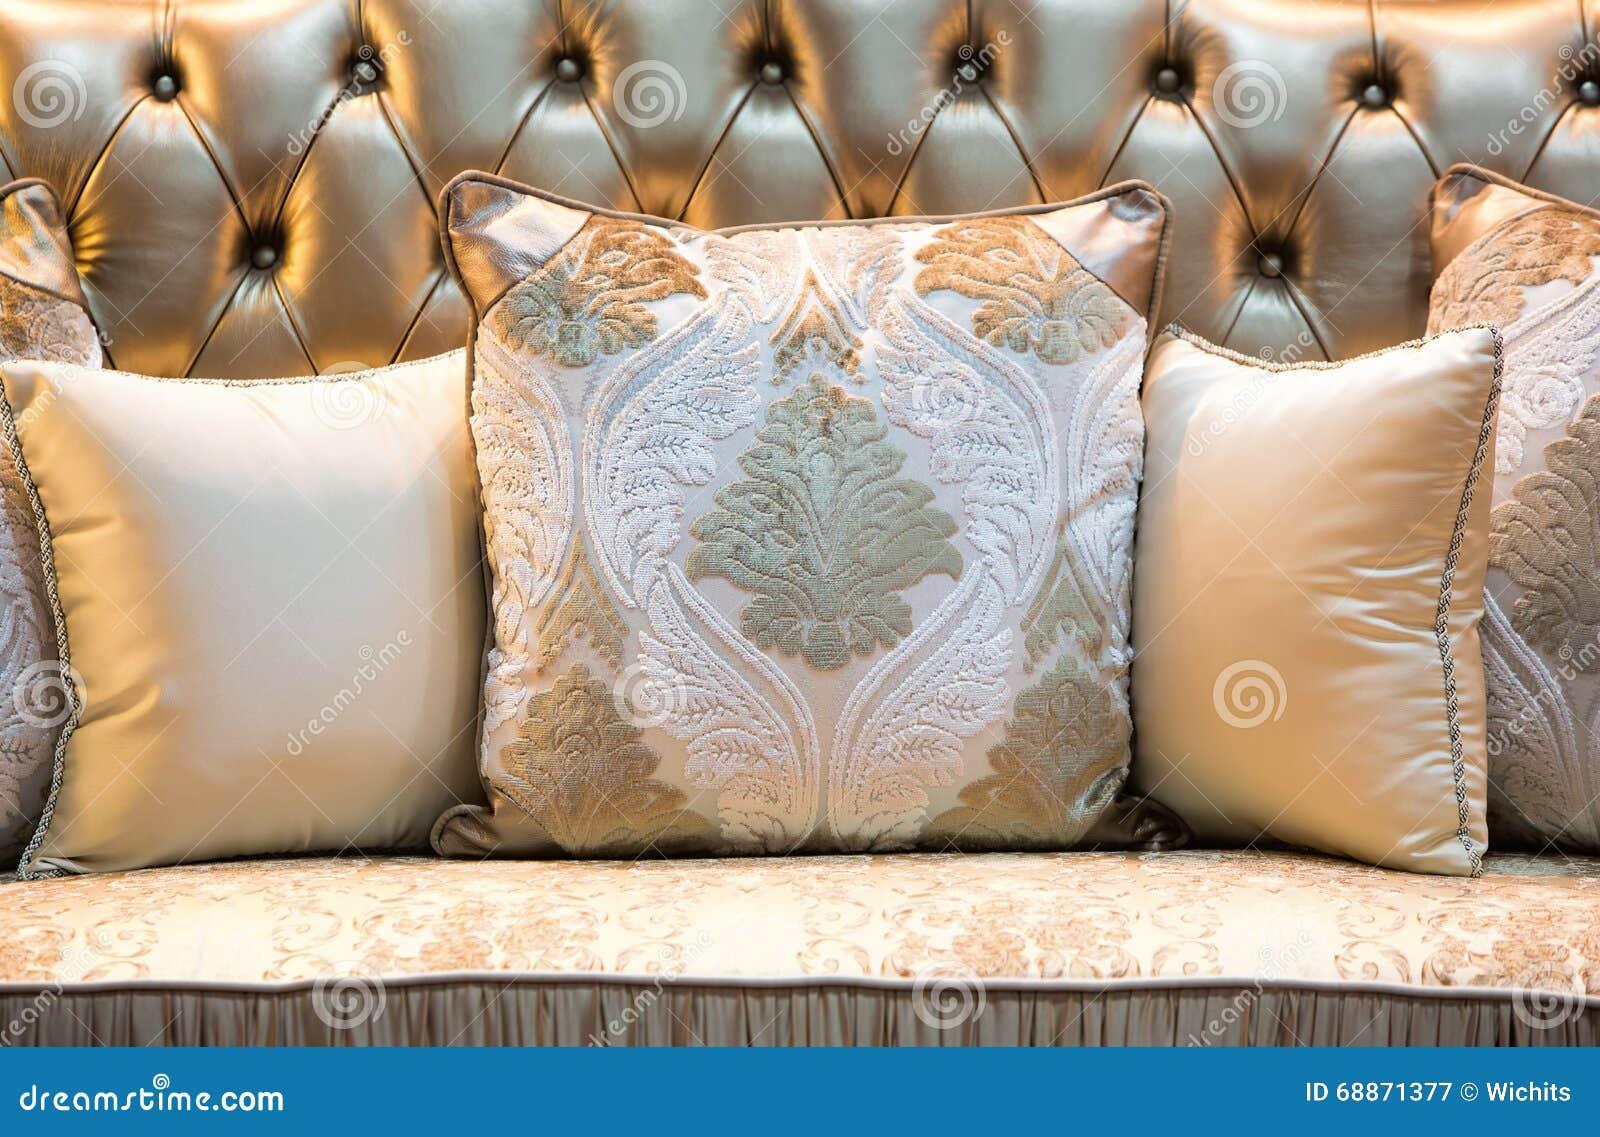 Cuscini Classici.Cuscini E Sofa Classici Di Stile Immagine Stock Immagine Di